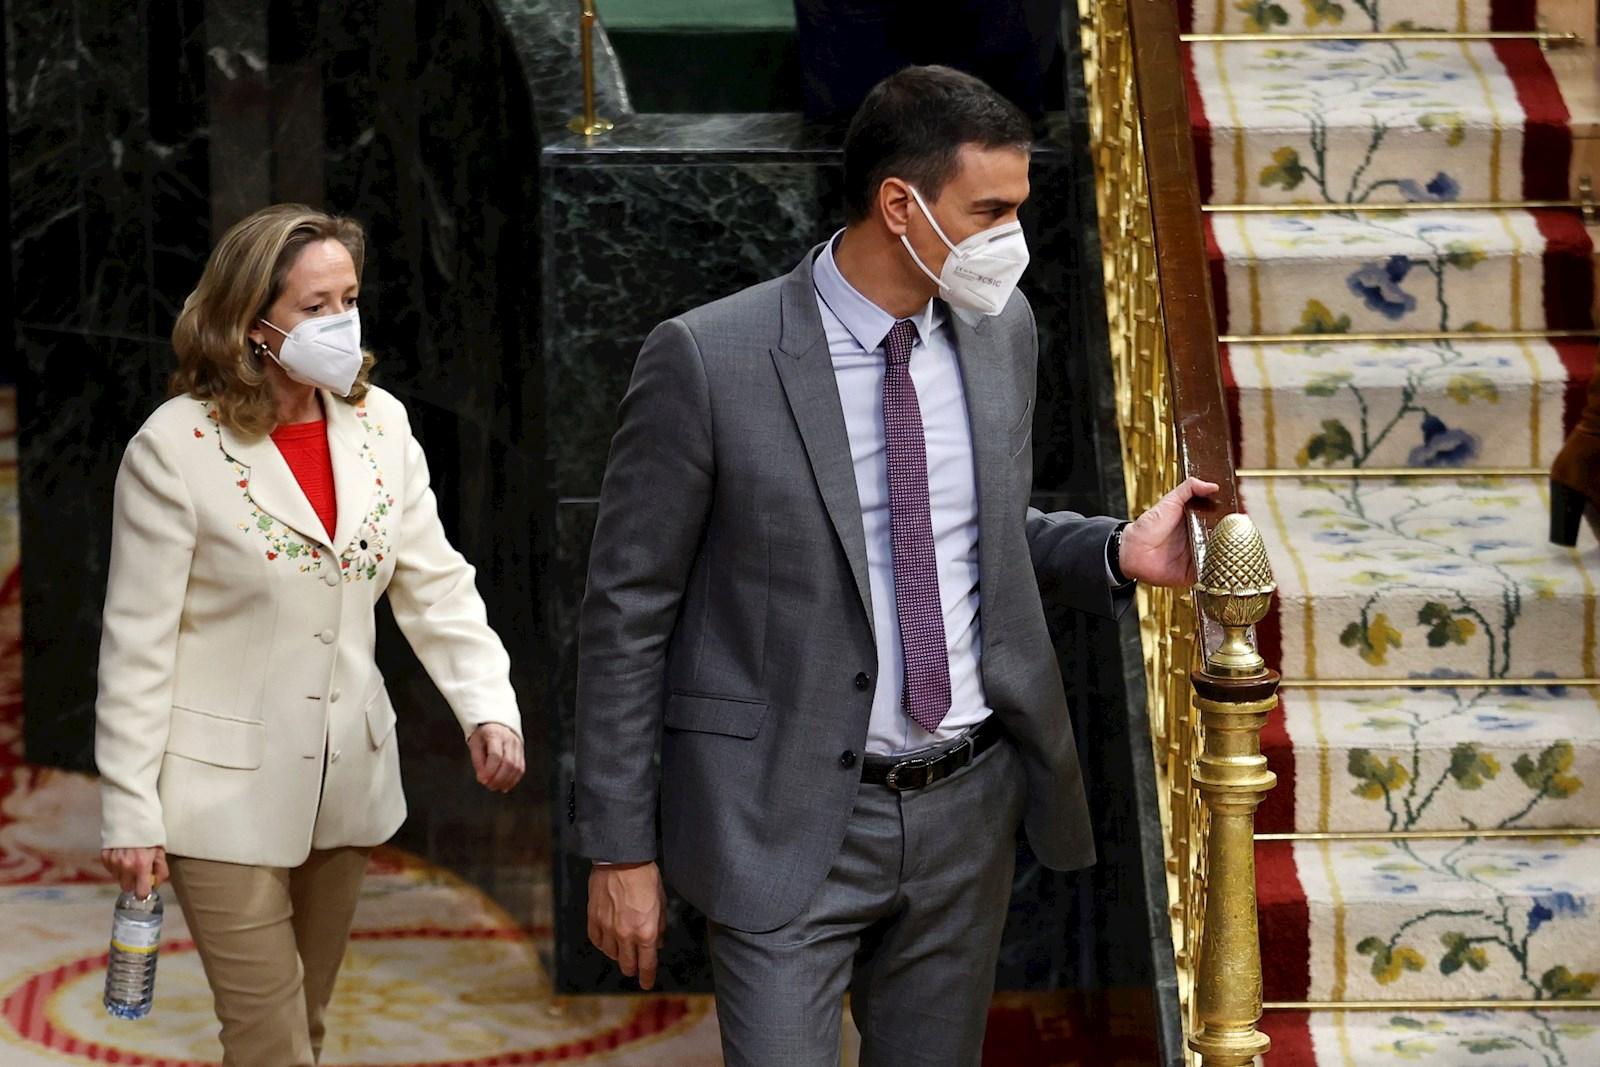 El presidente del Gobierno, Pedro Sánchez (d), y la ministra de Economía, Nadia Calviño (i), en el Congreso, el 14 de abril de 2021 | EFE/CM/Archivo